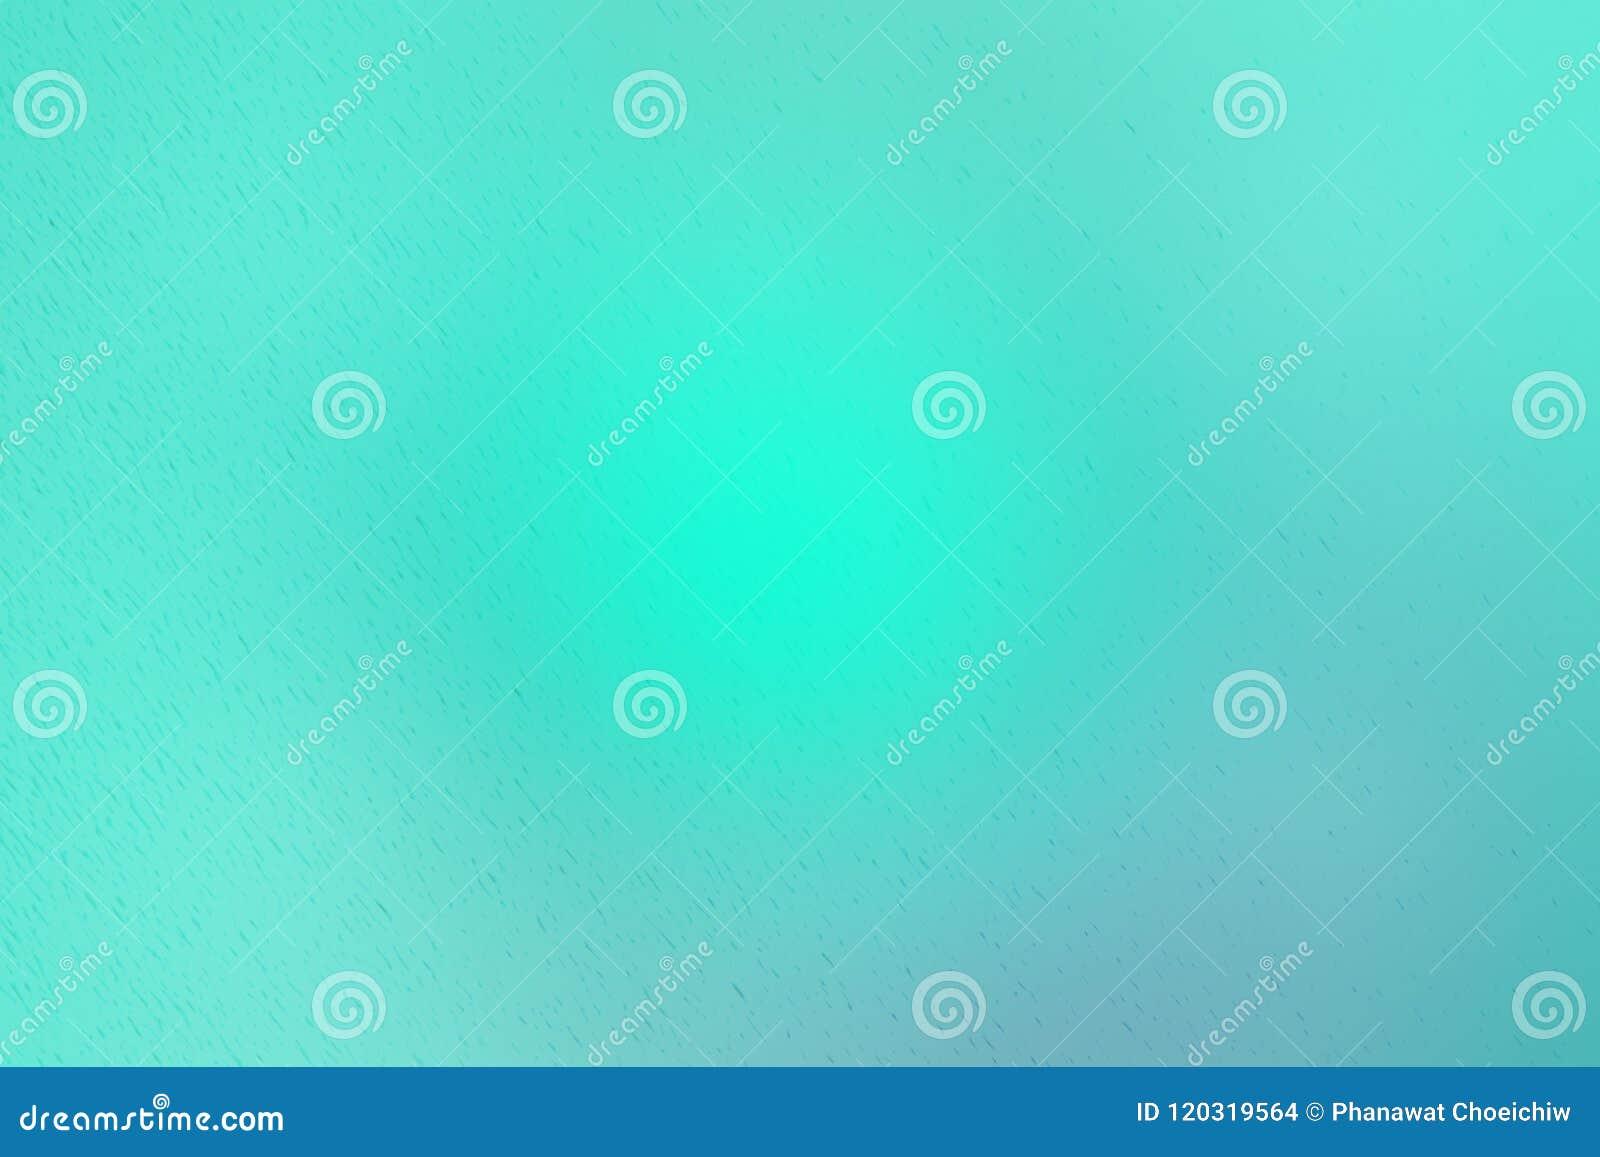 Błękitny miękki nastrojowy tło z gradientowym oświetleniem